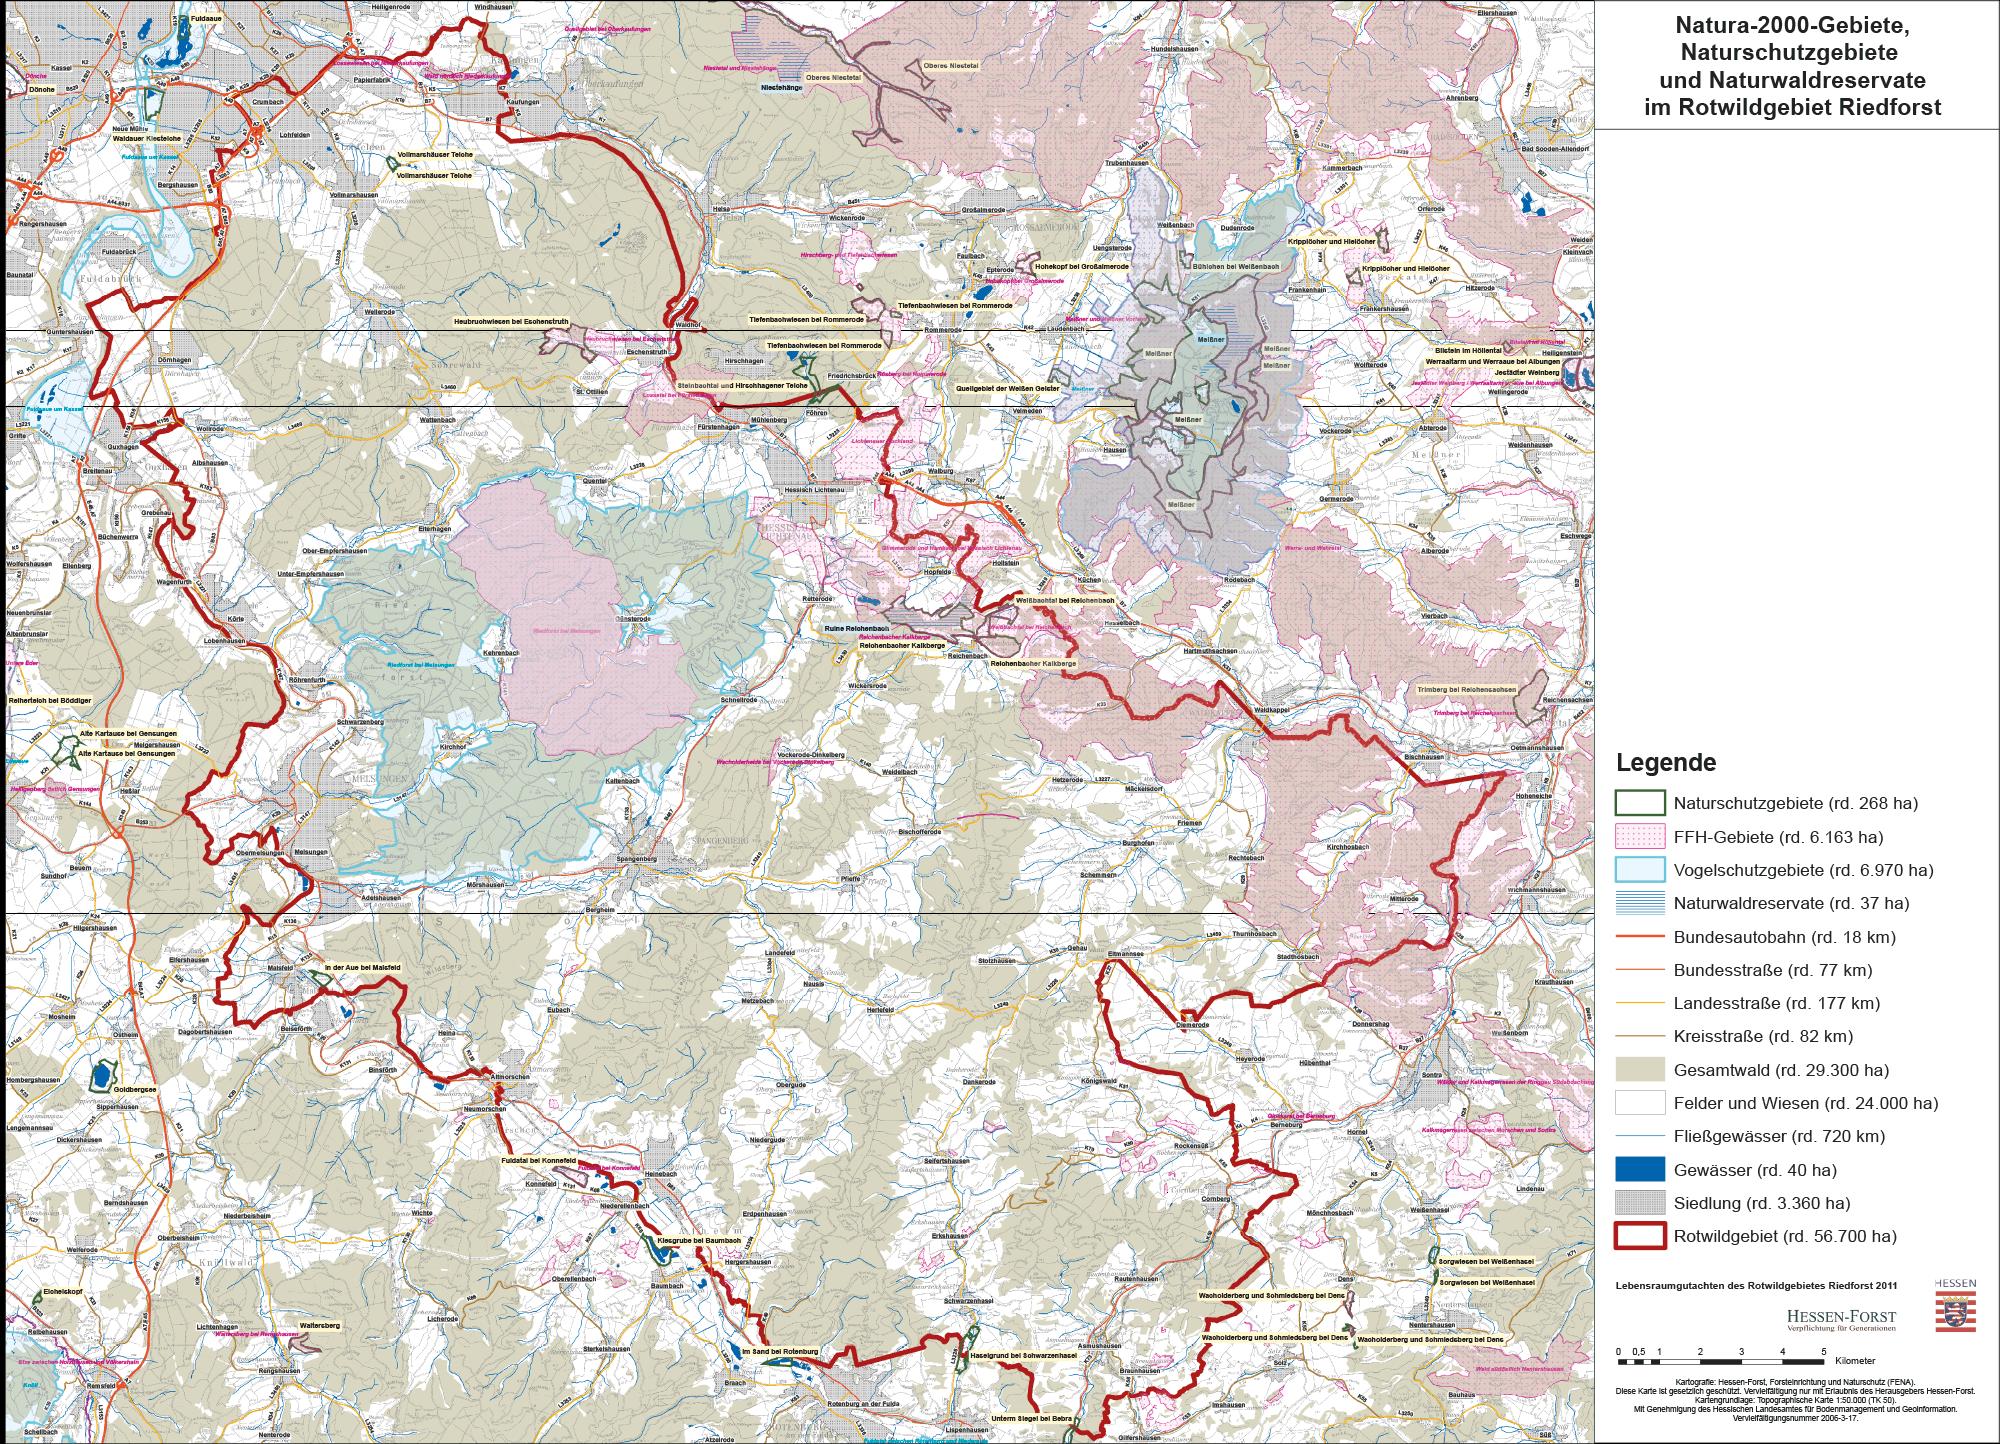 Natura-2000-Gebiete, Naturschutzgebiete und Naturwaldreservate im Rotwildgebiet Riedforst (2011)